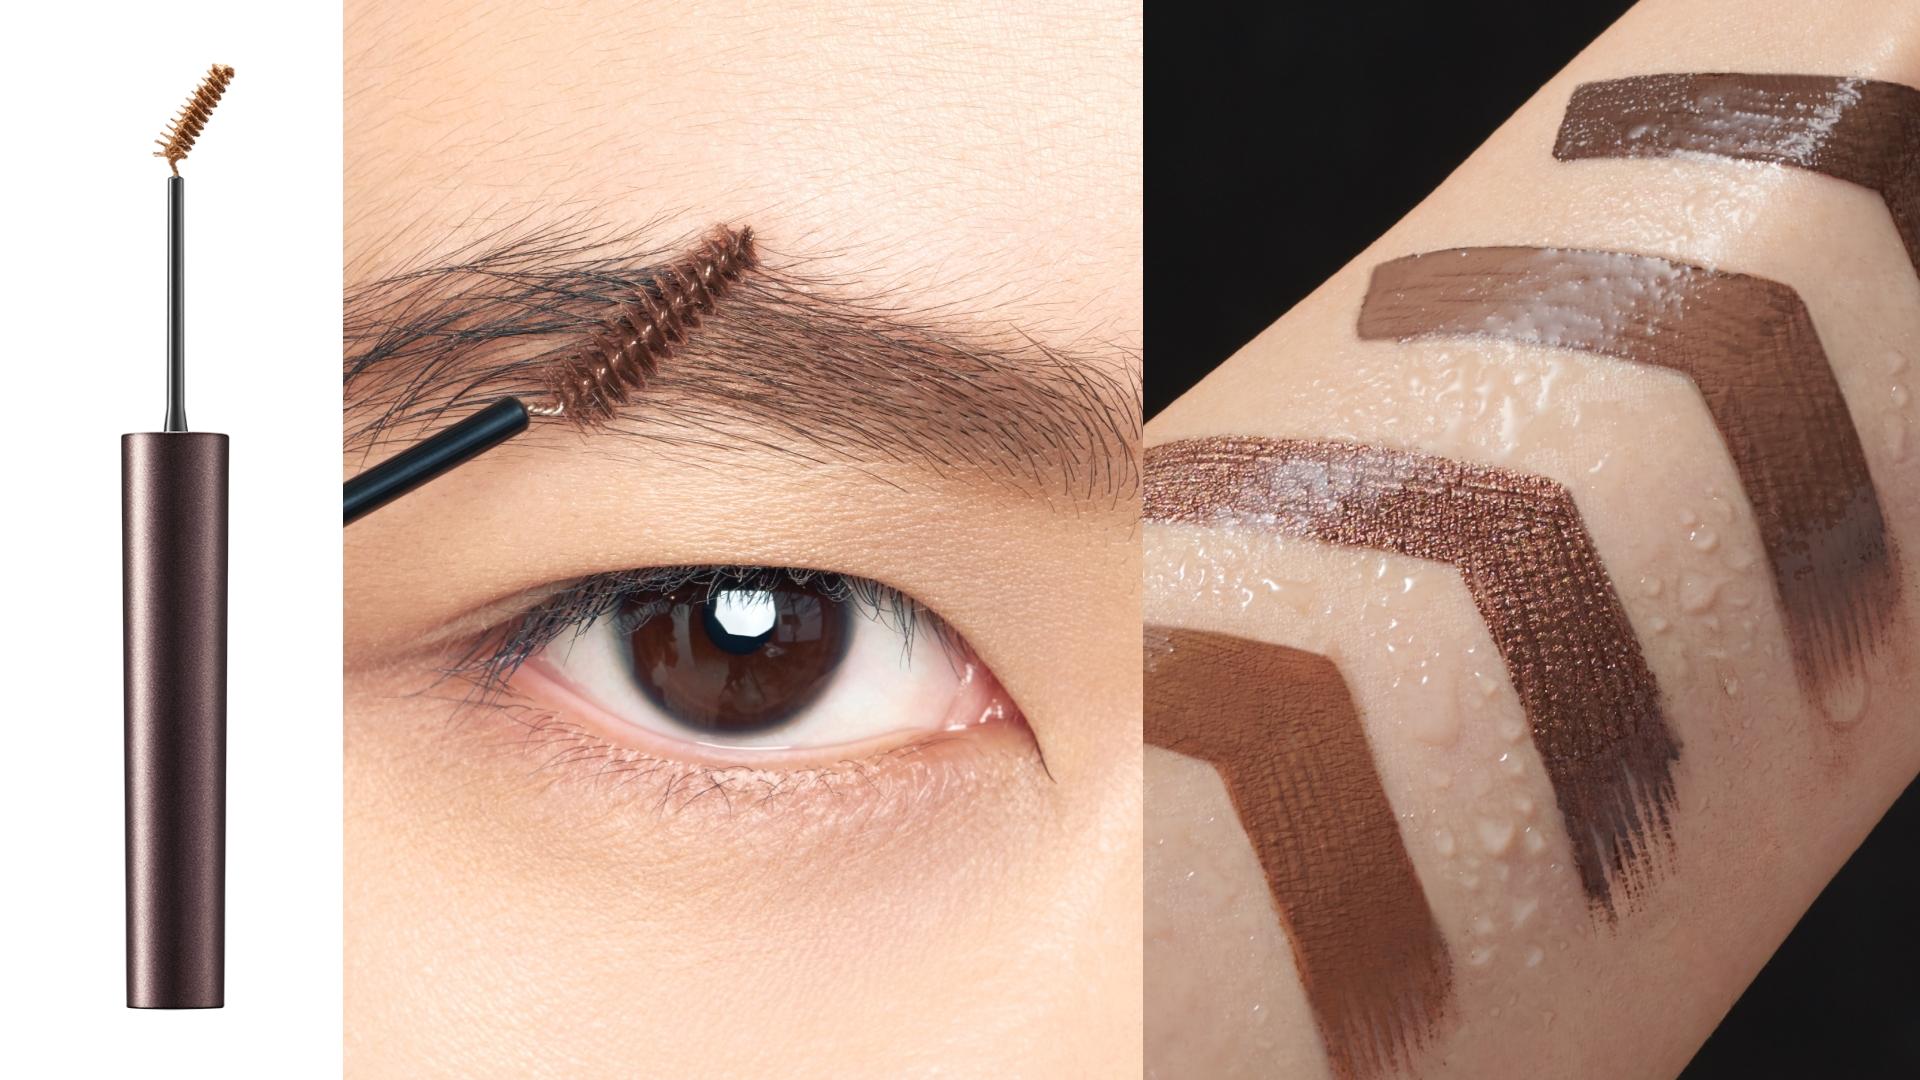 能創造出高度精準的眉型與毛流,帶來超越霧眉的3D立體毛流眉!同時強調防水抗汗、耐磨擦,即使整天帶妝也不掉色!